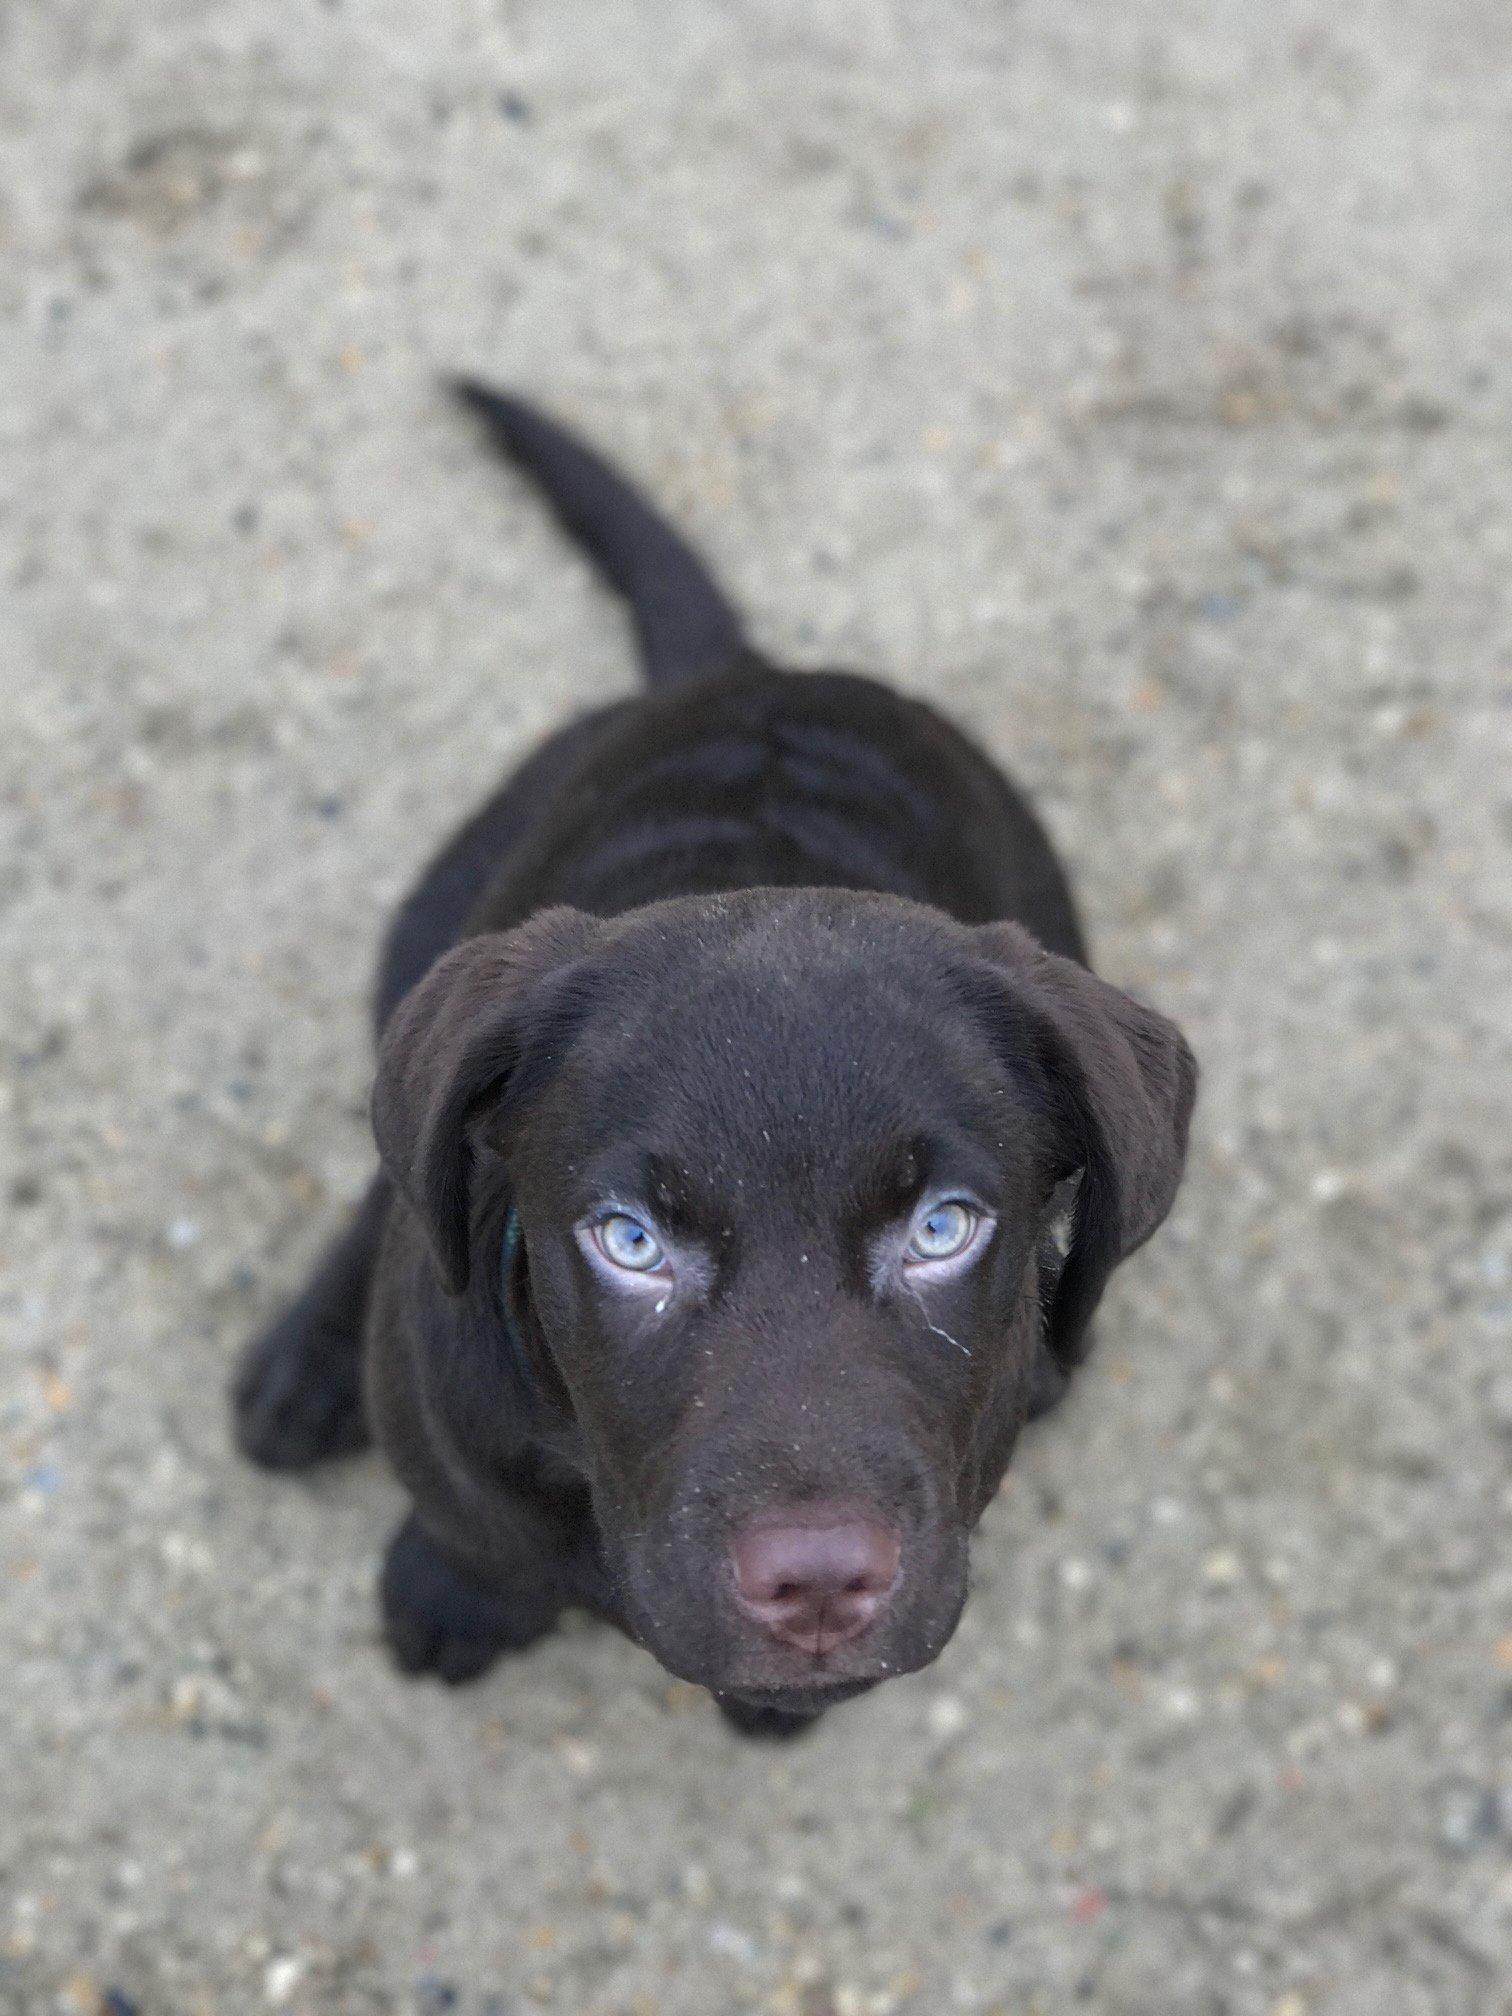 Brown dog looking up at camera